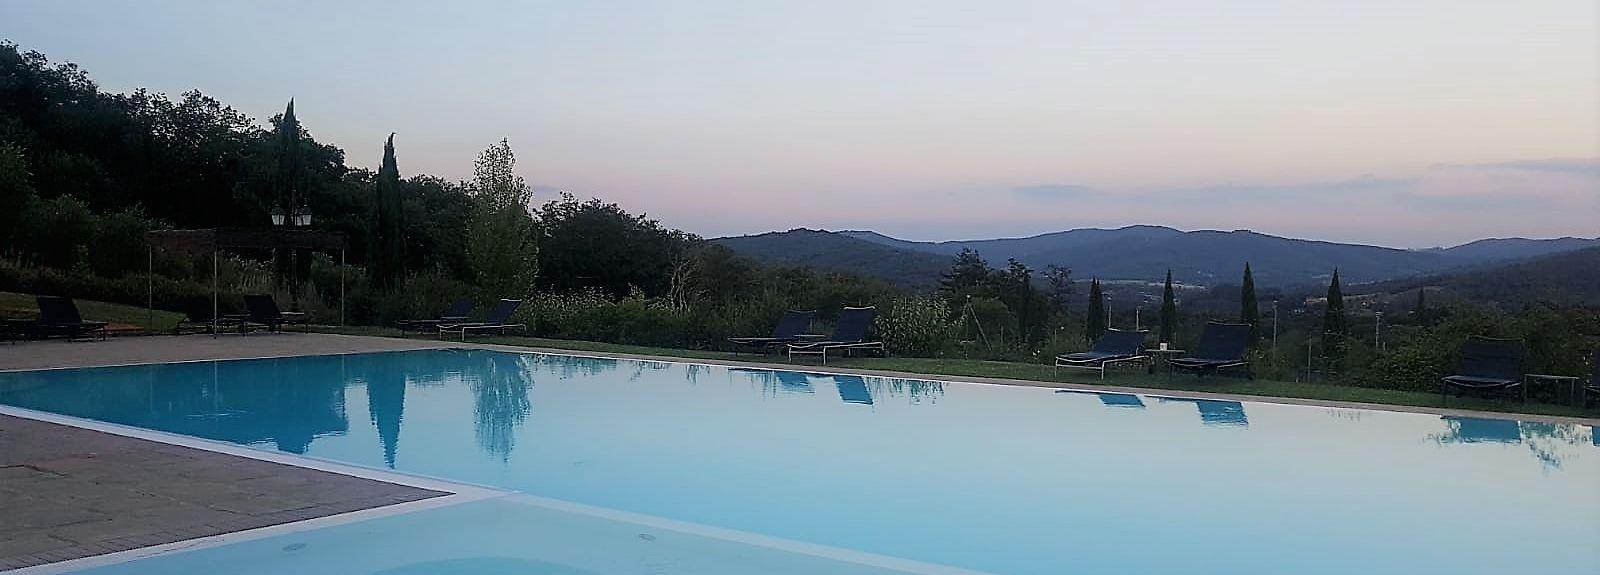 Montevarchi, Italien